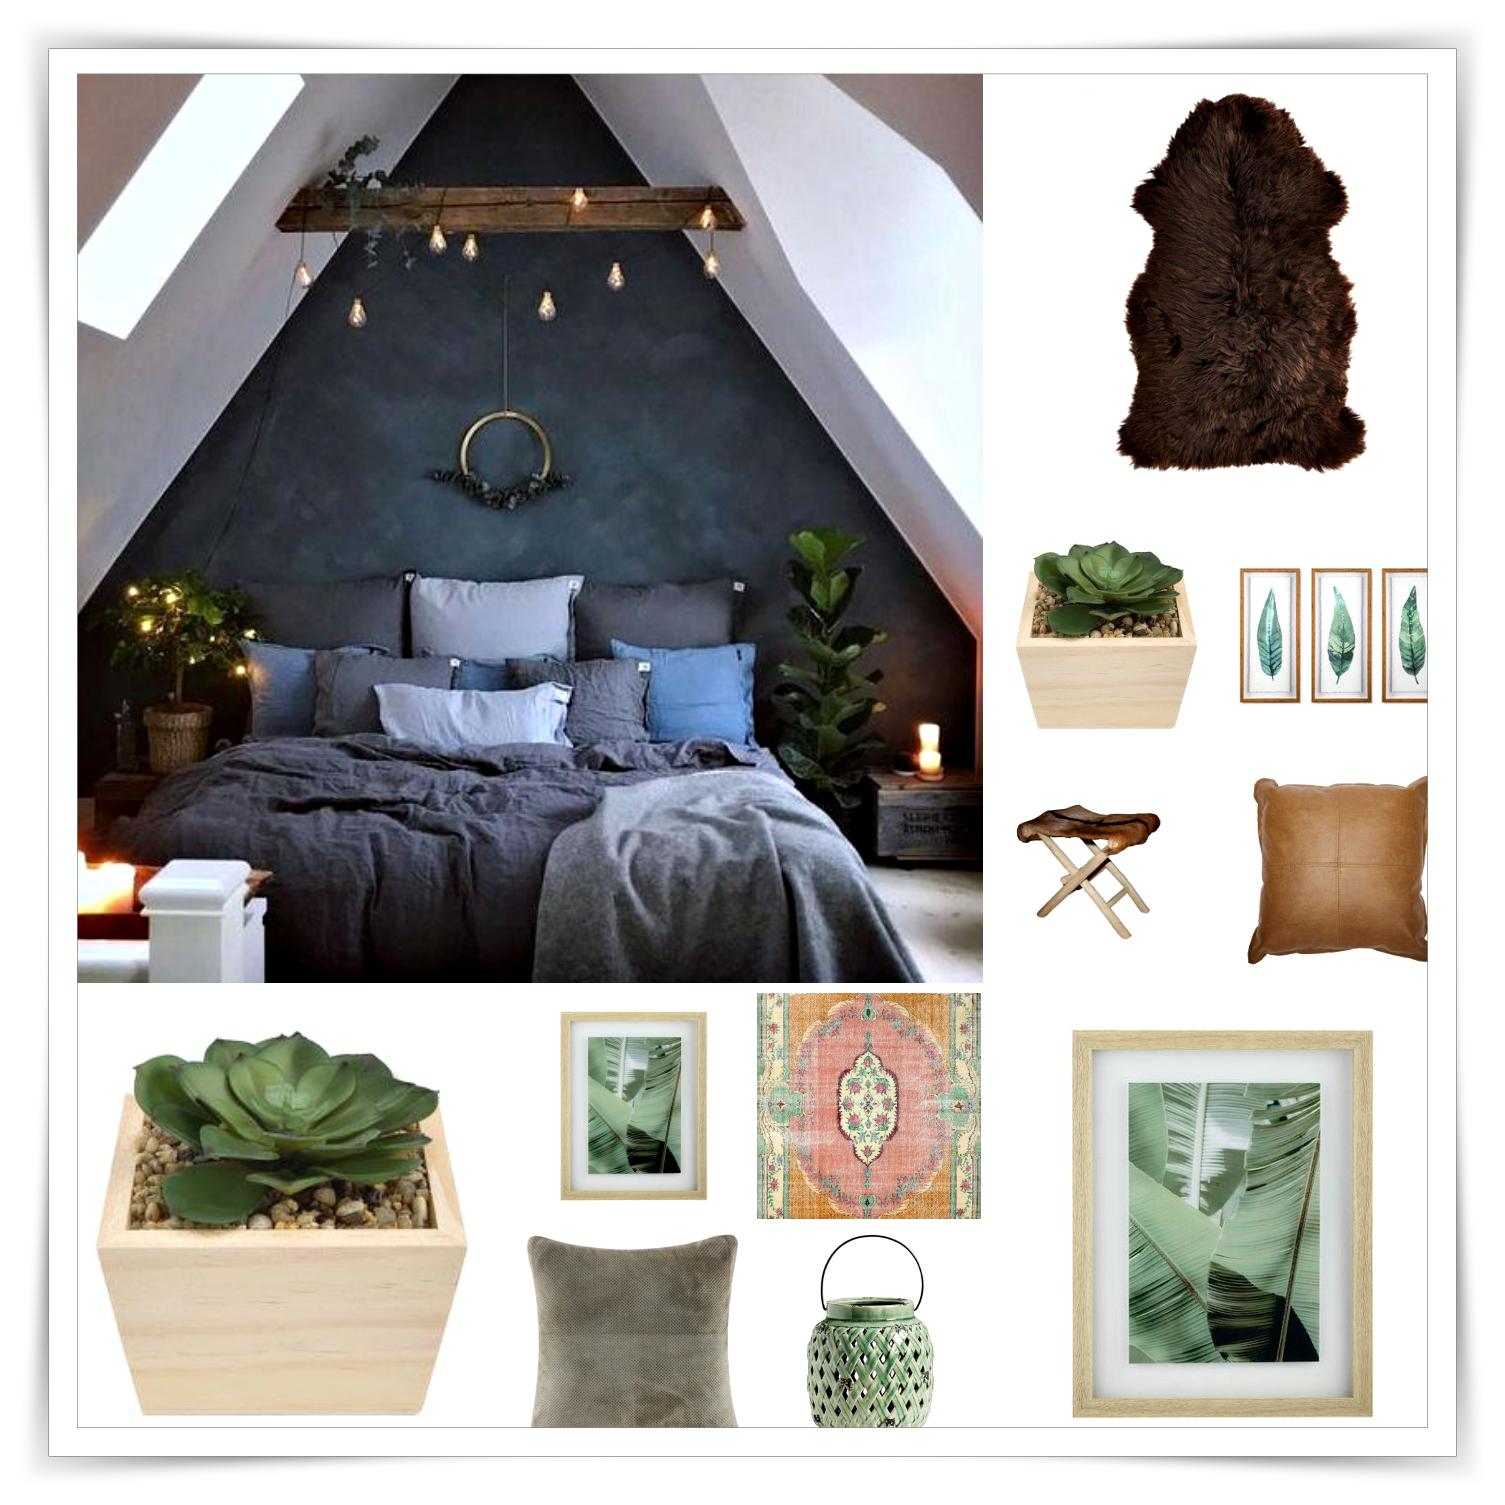 Κάνετε στη σοφίτα το δικό σας υπνοδωμάτιο!